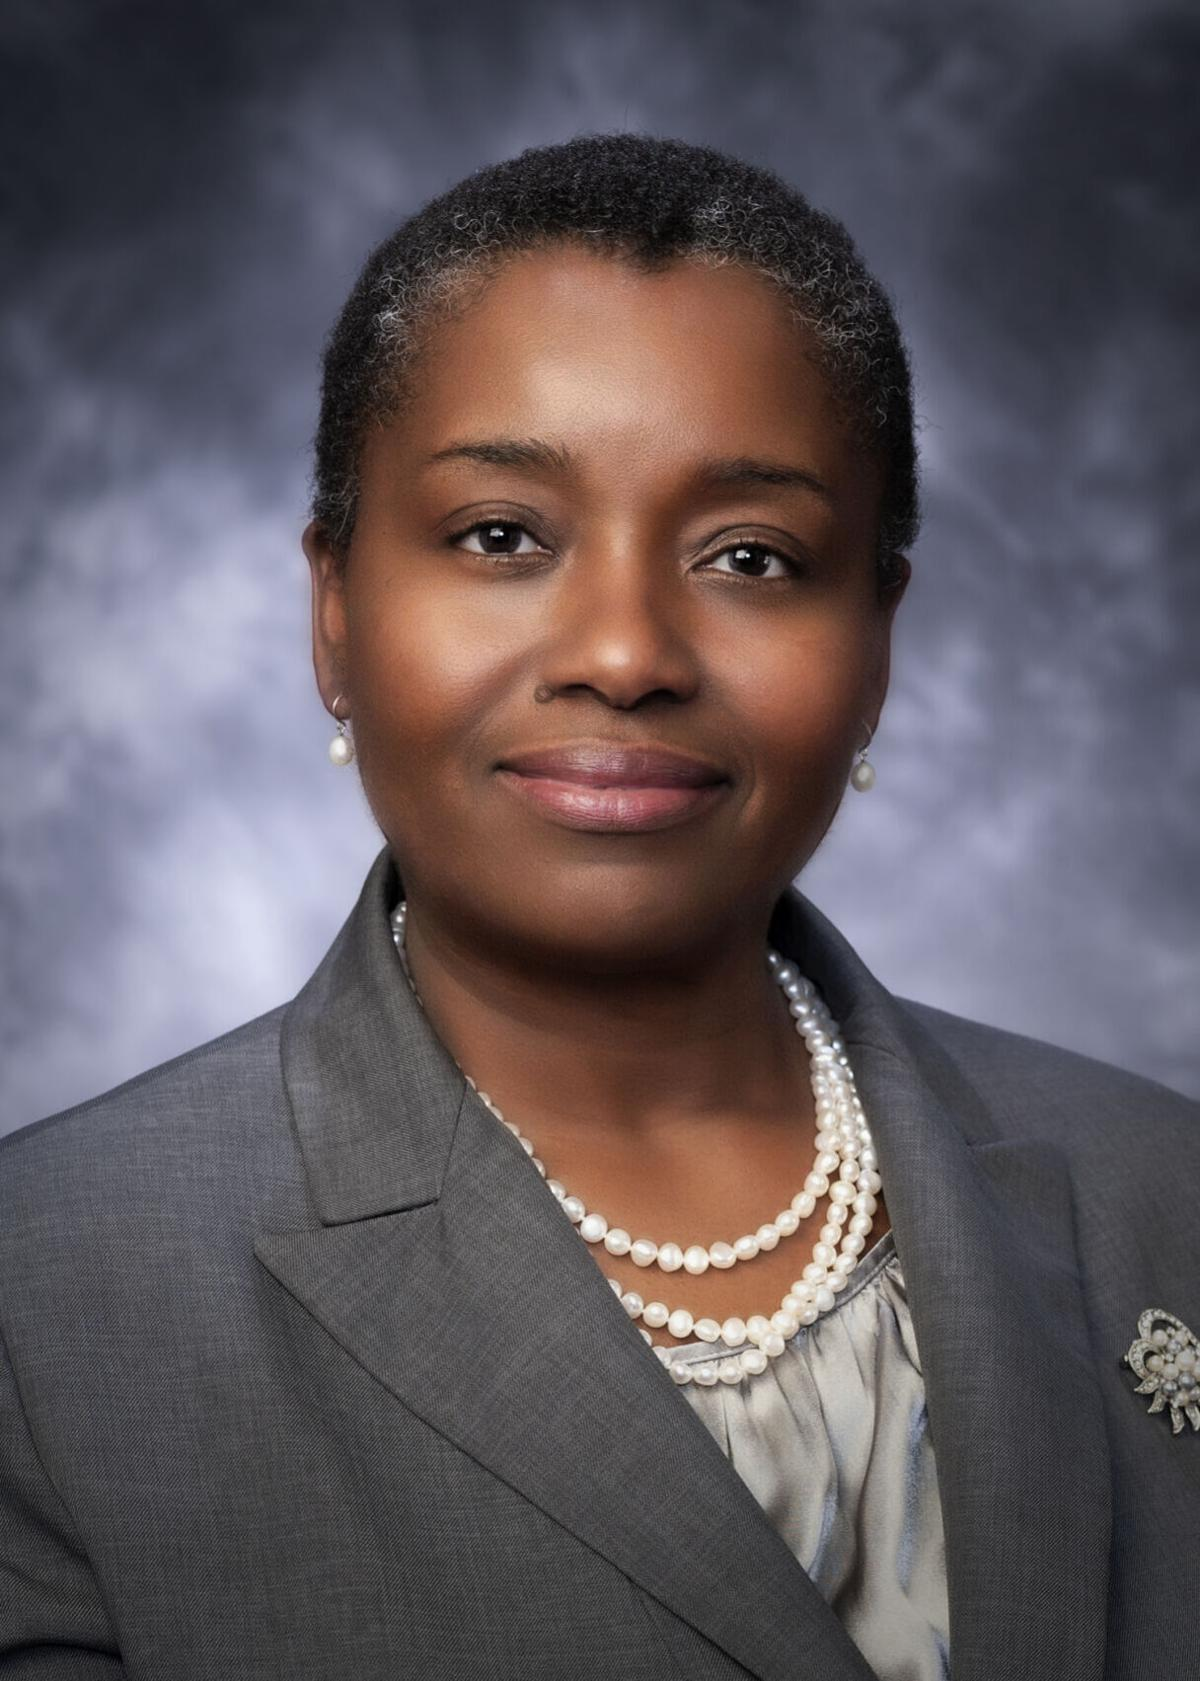 Dr. Denise Johnson